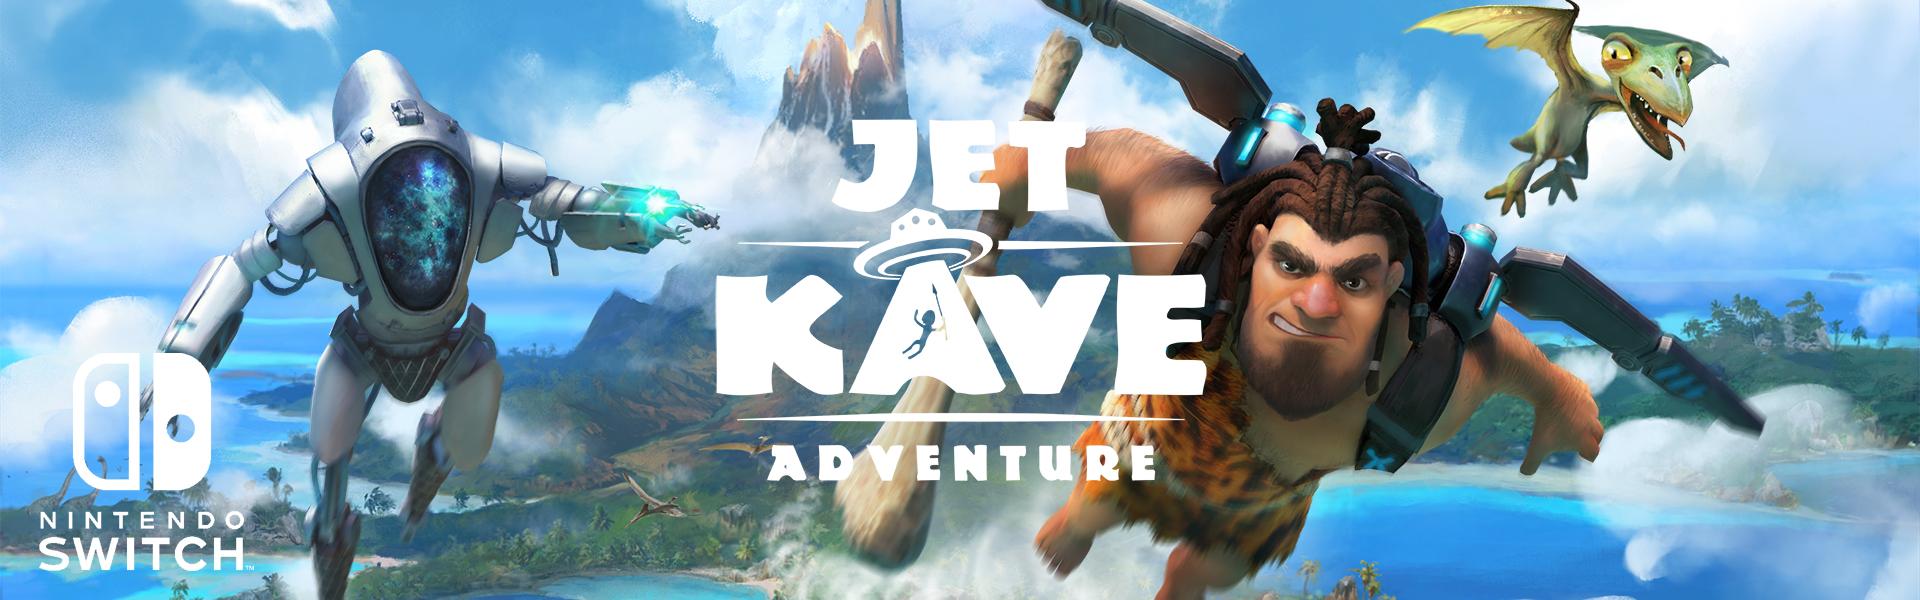 تاریخ انتشار بازی Jet Kave Adventure مشخص شد